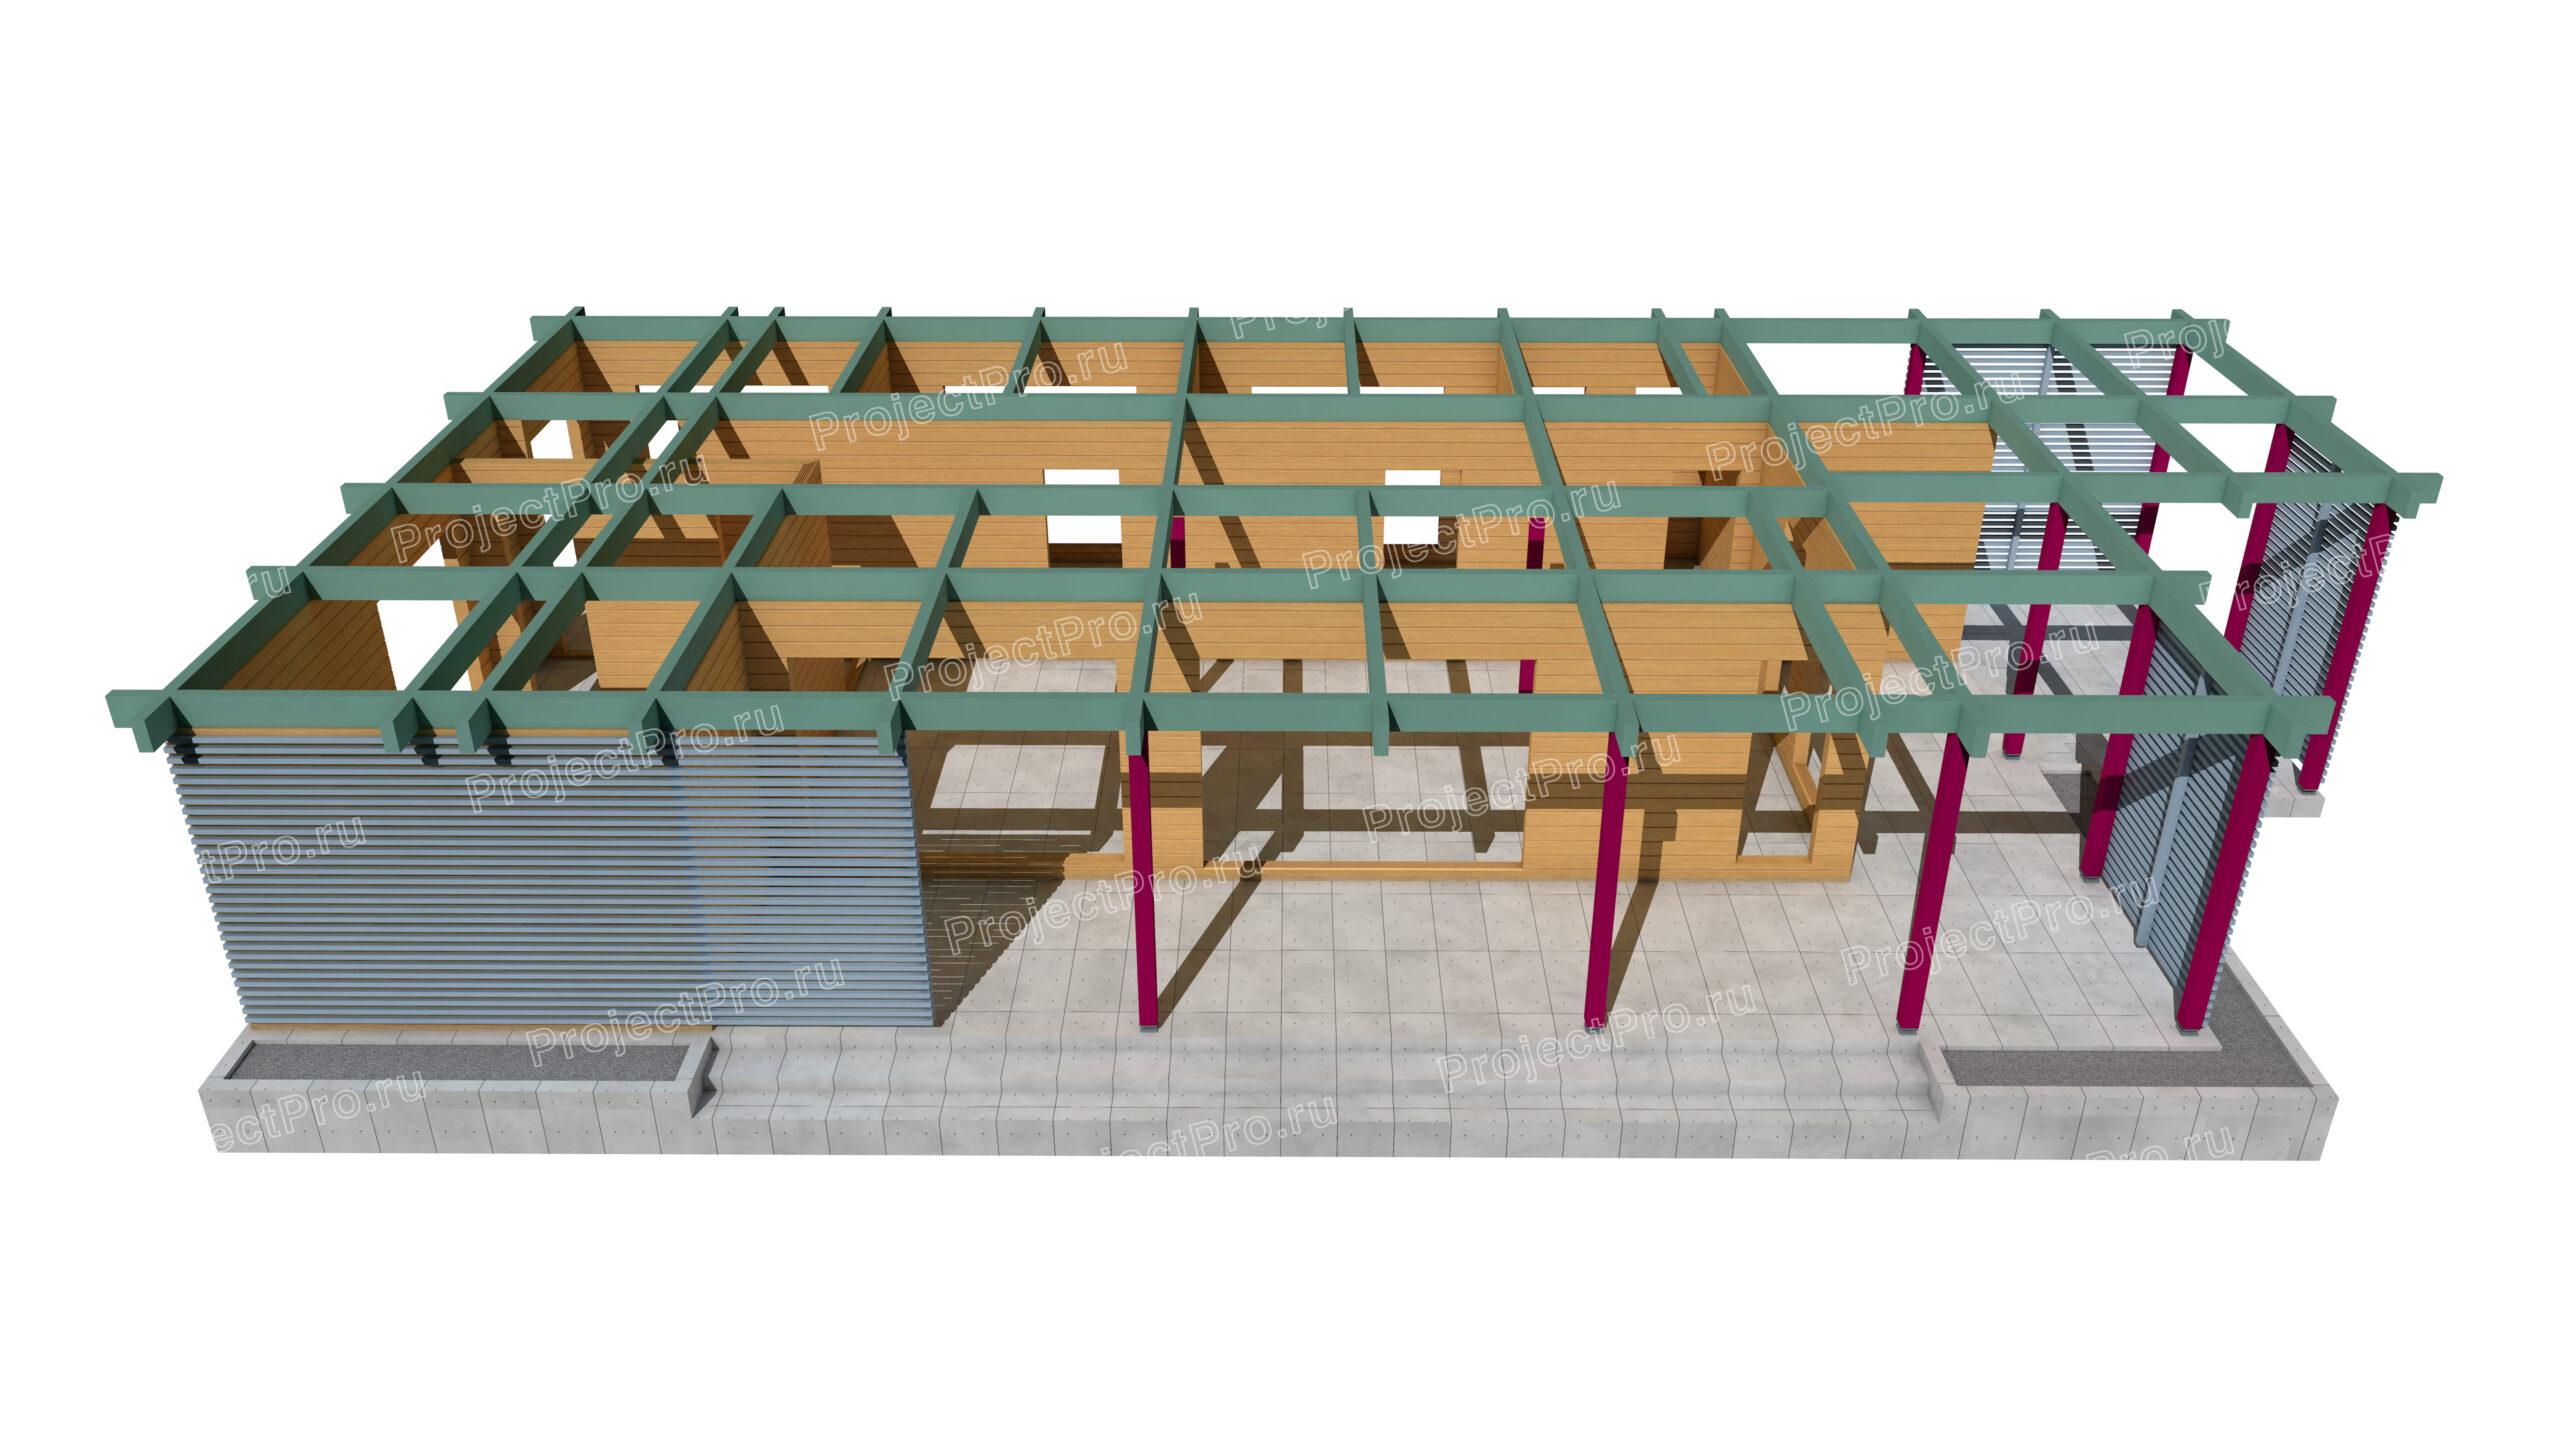 Проект дома из бруса. Конструкции деревянные. Разбрусовка